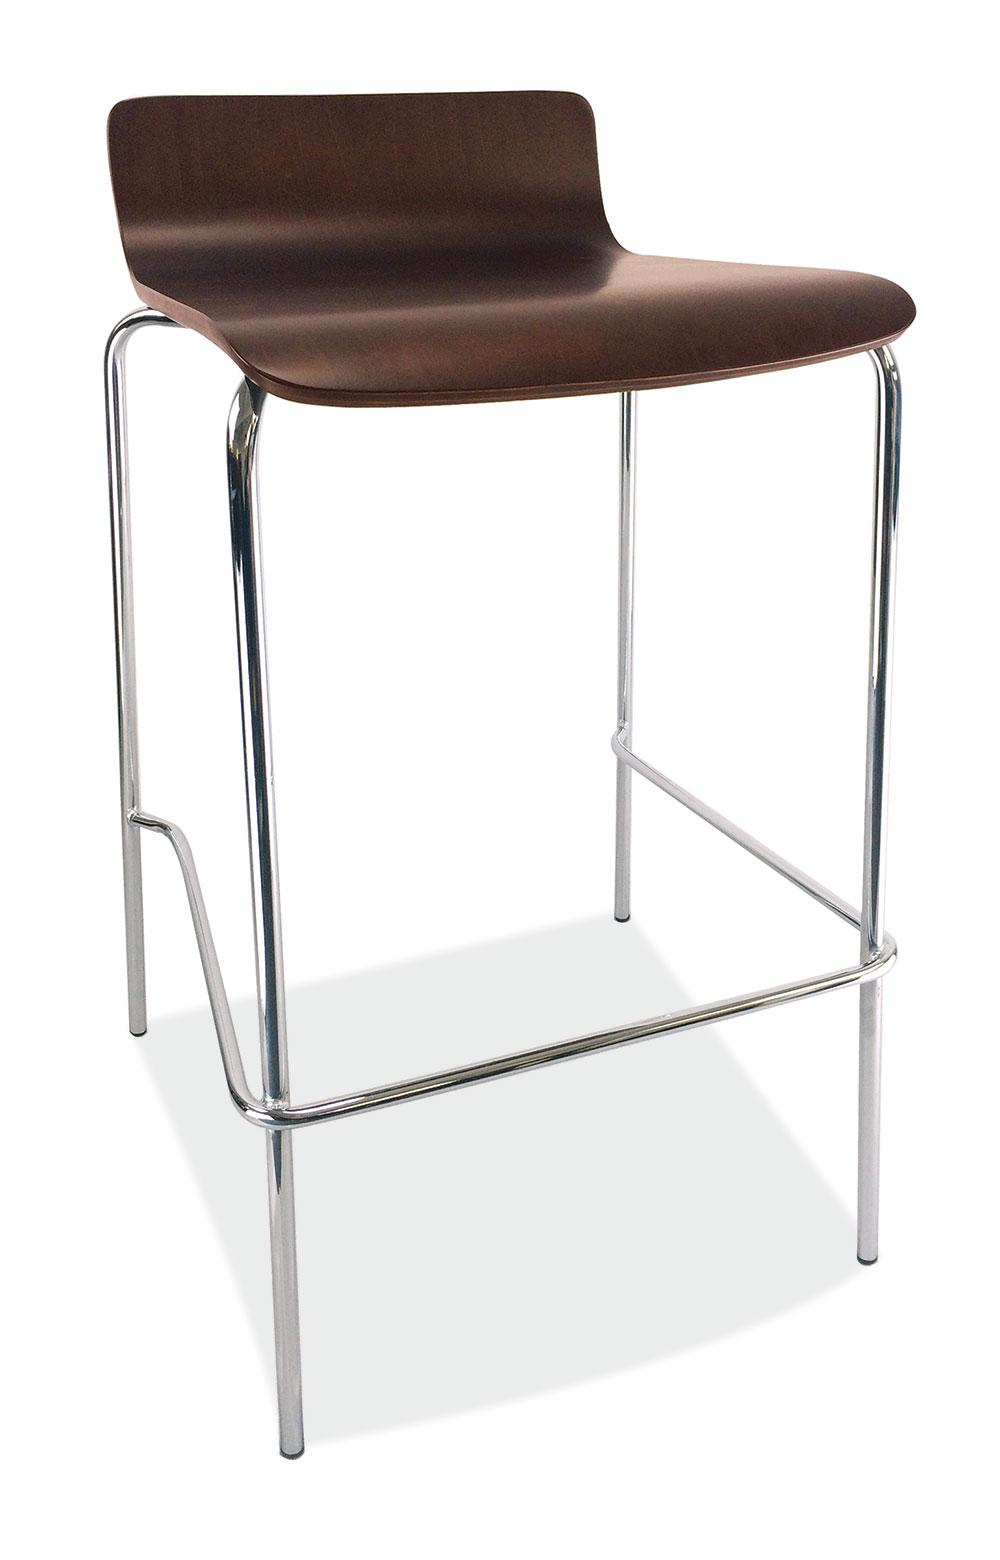 Breakroom Chair 7